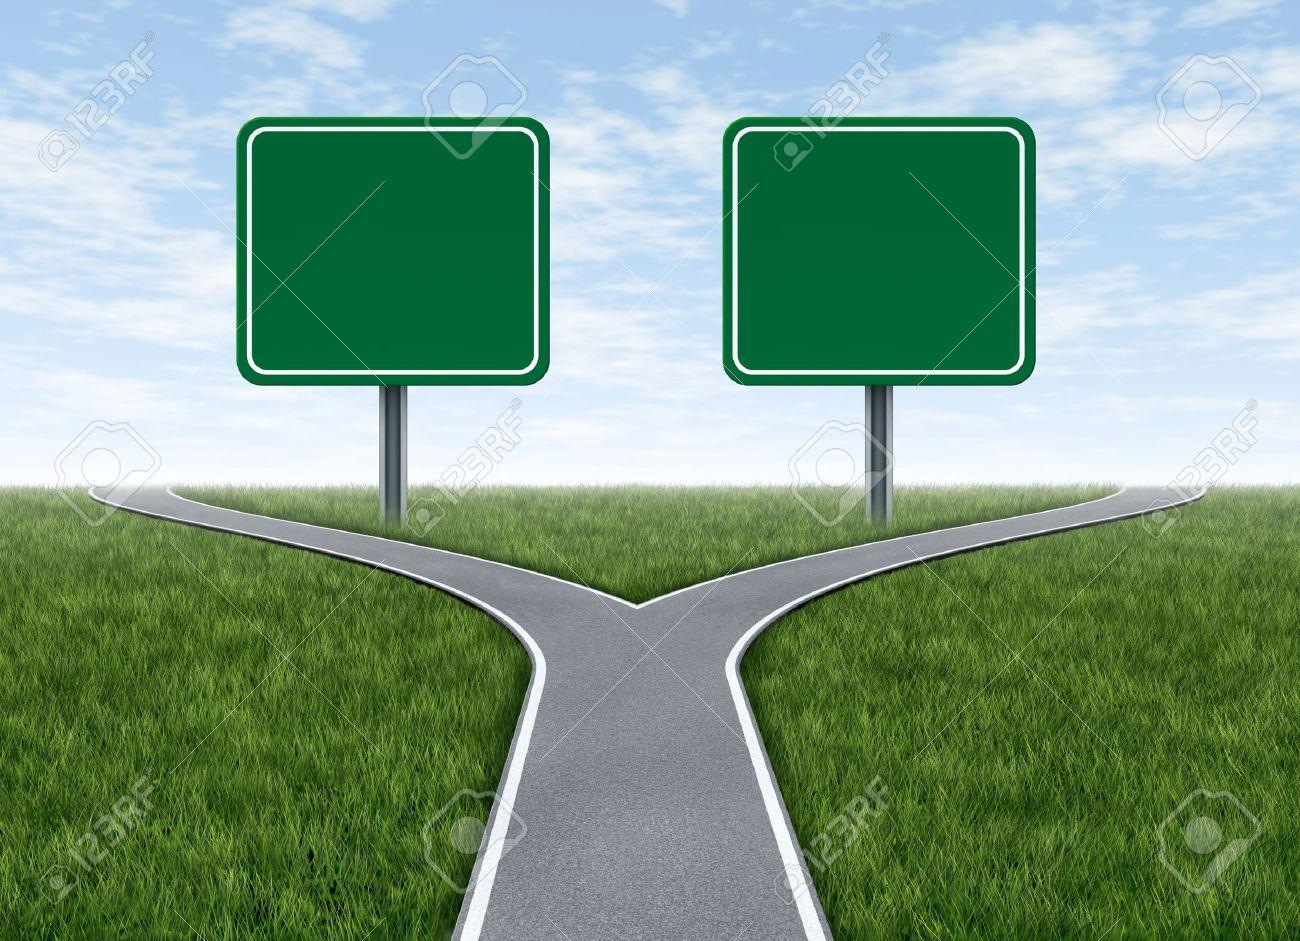 困難なジレンマに直面した後選ばれた方向に回転の分かれ道で表される ...